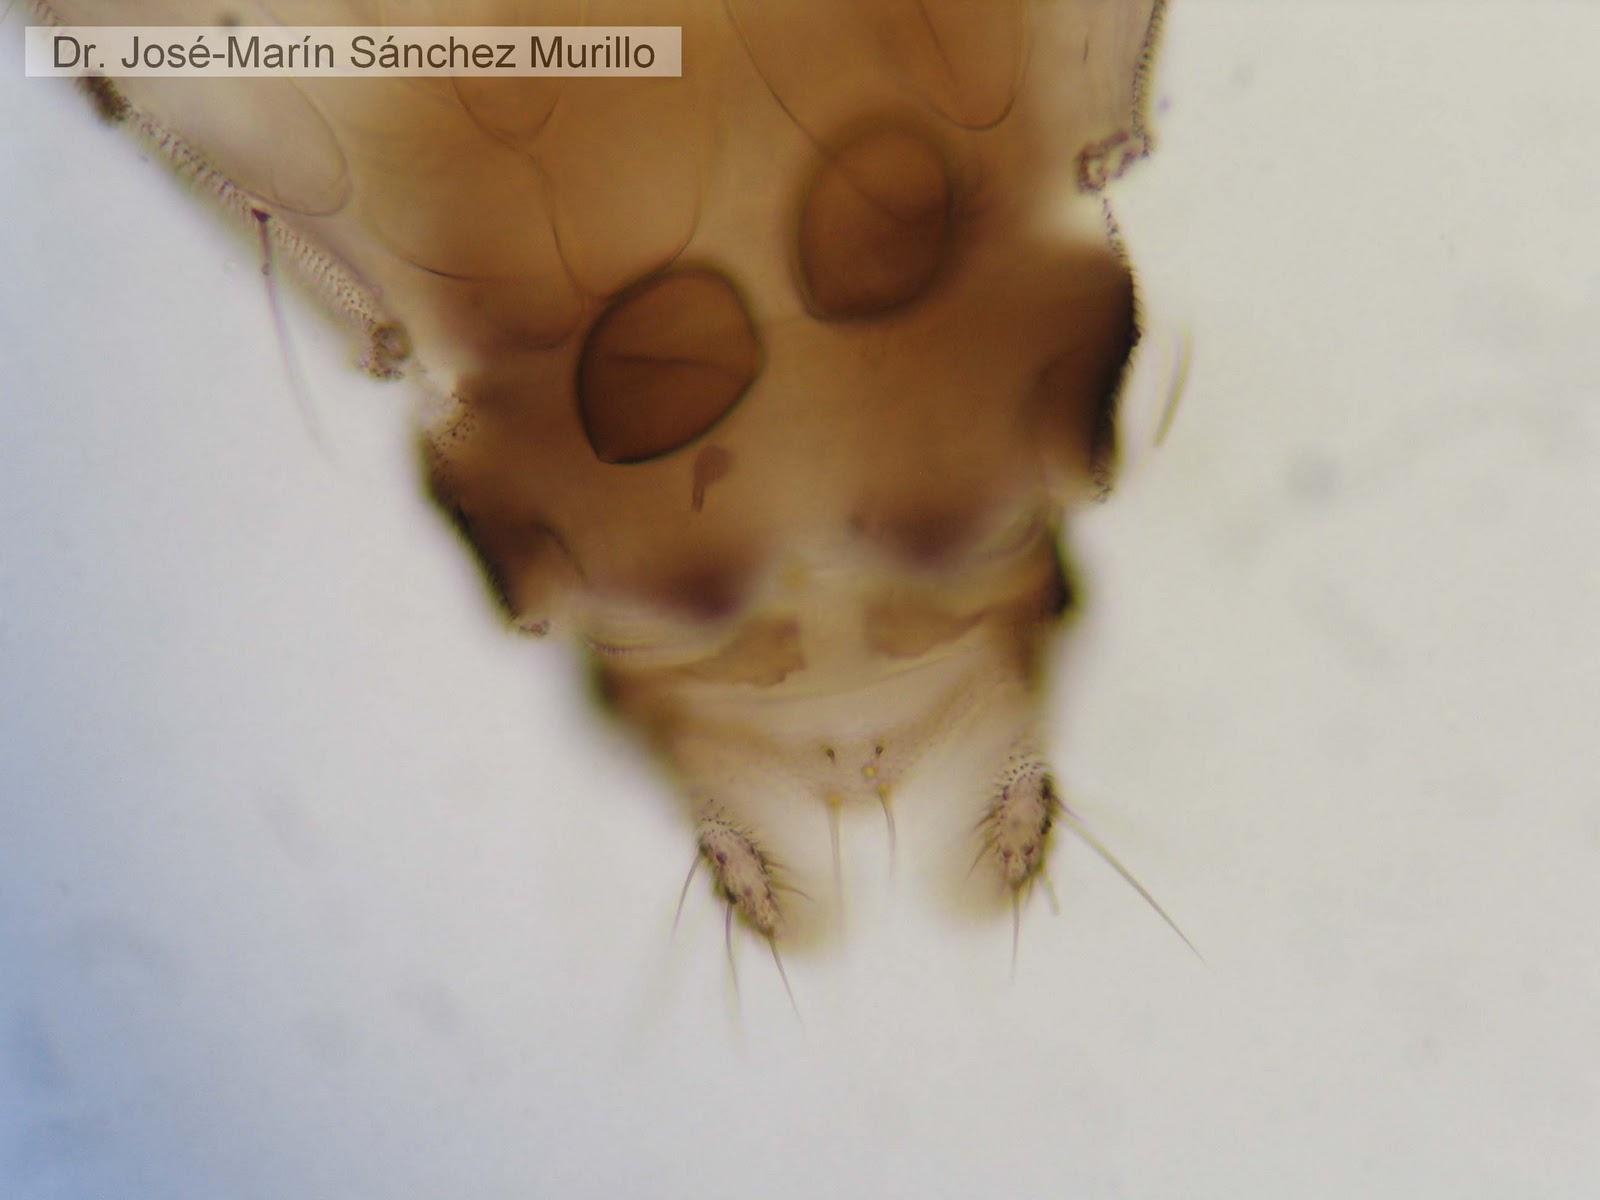 lapos szemölcsök cauterizálása a méhnyakon hpv impfung jungen welcher impfstoff